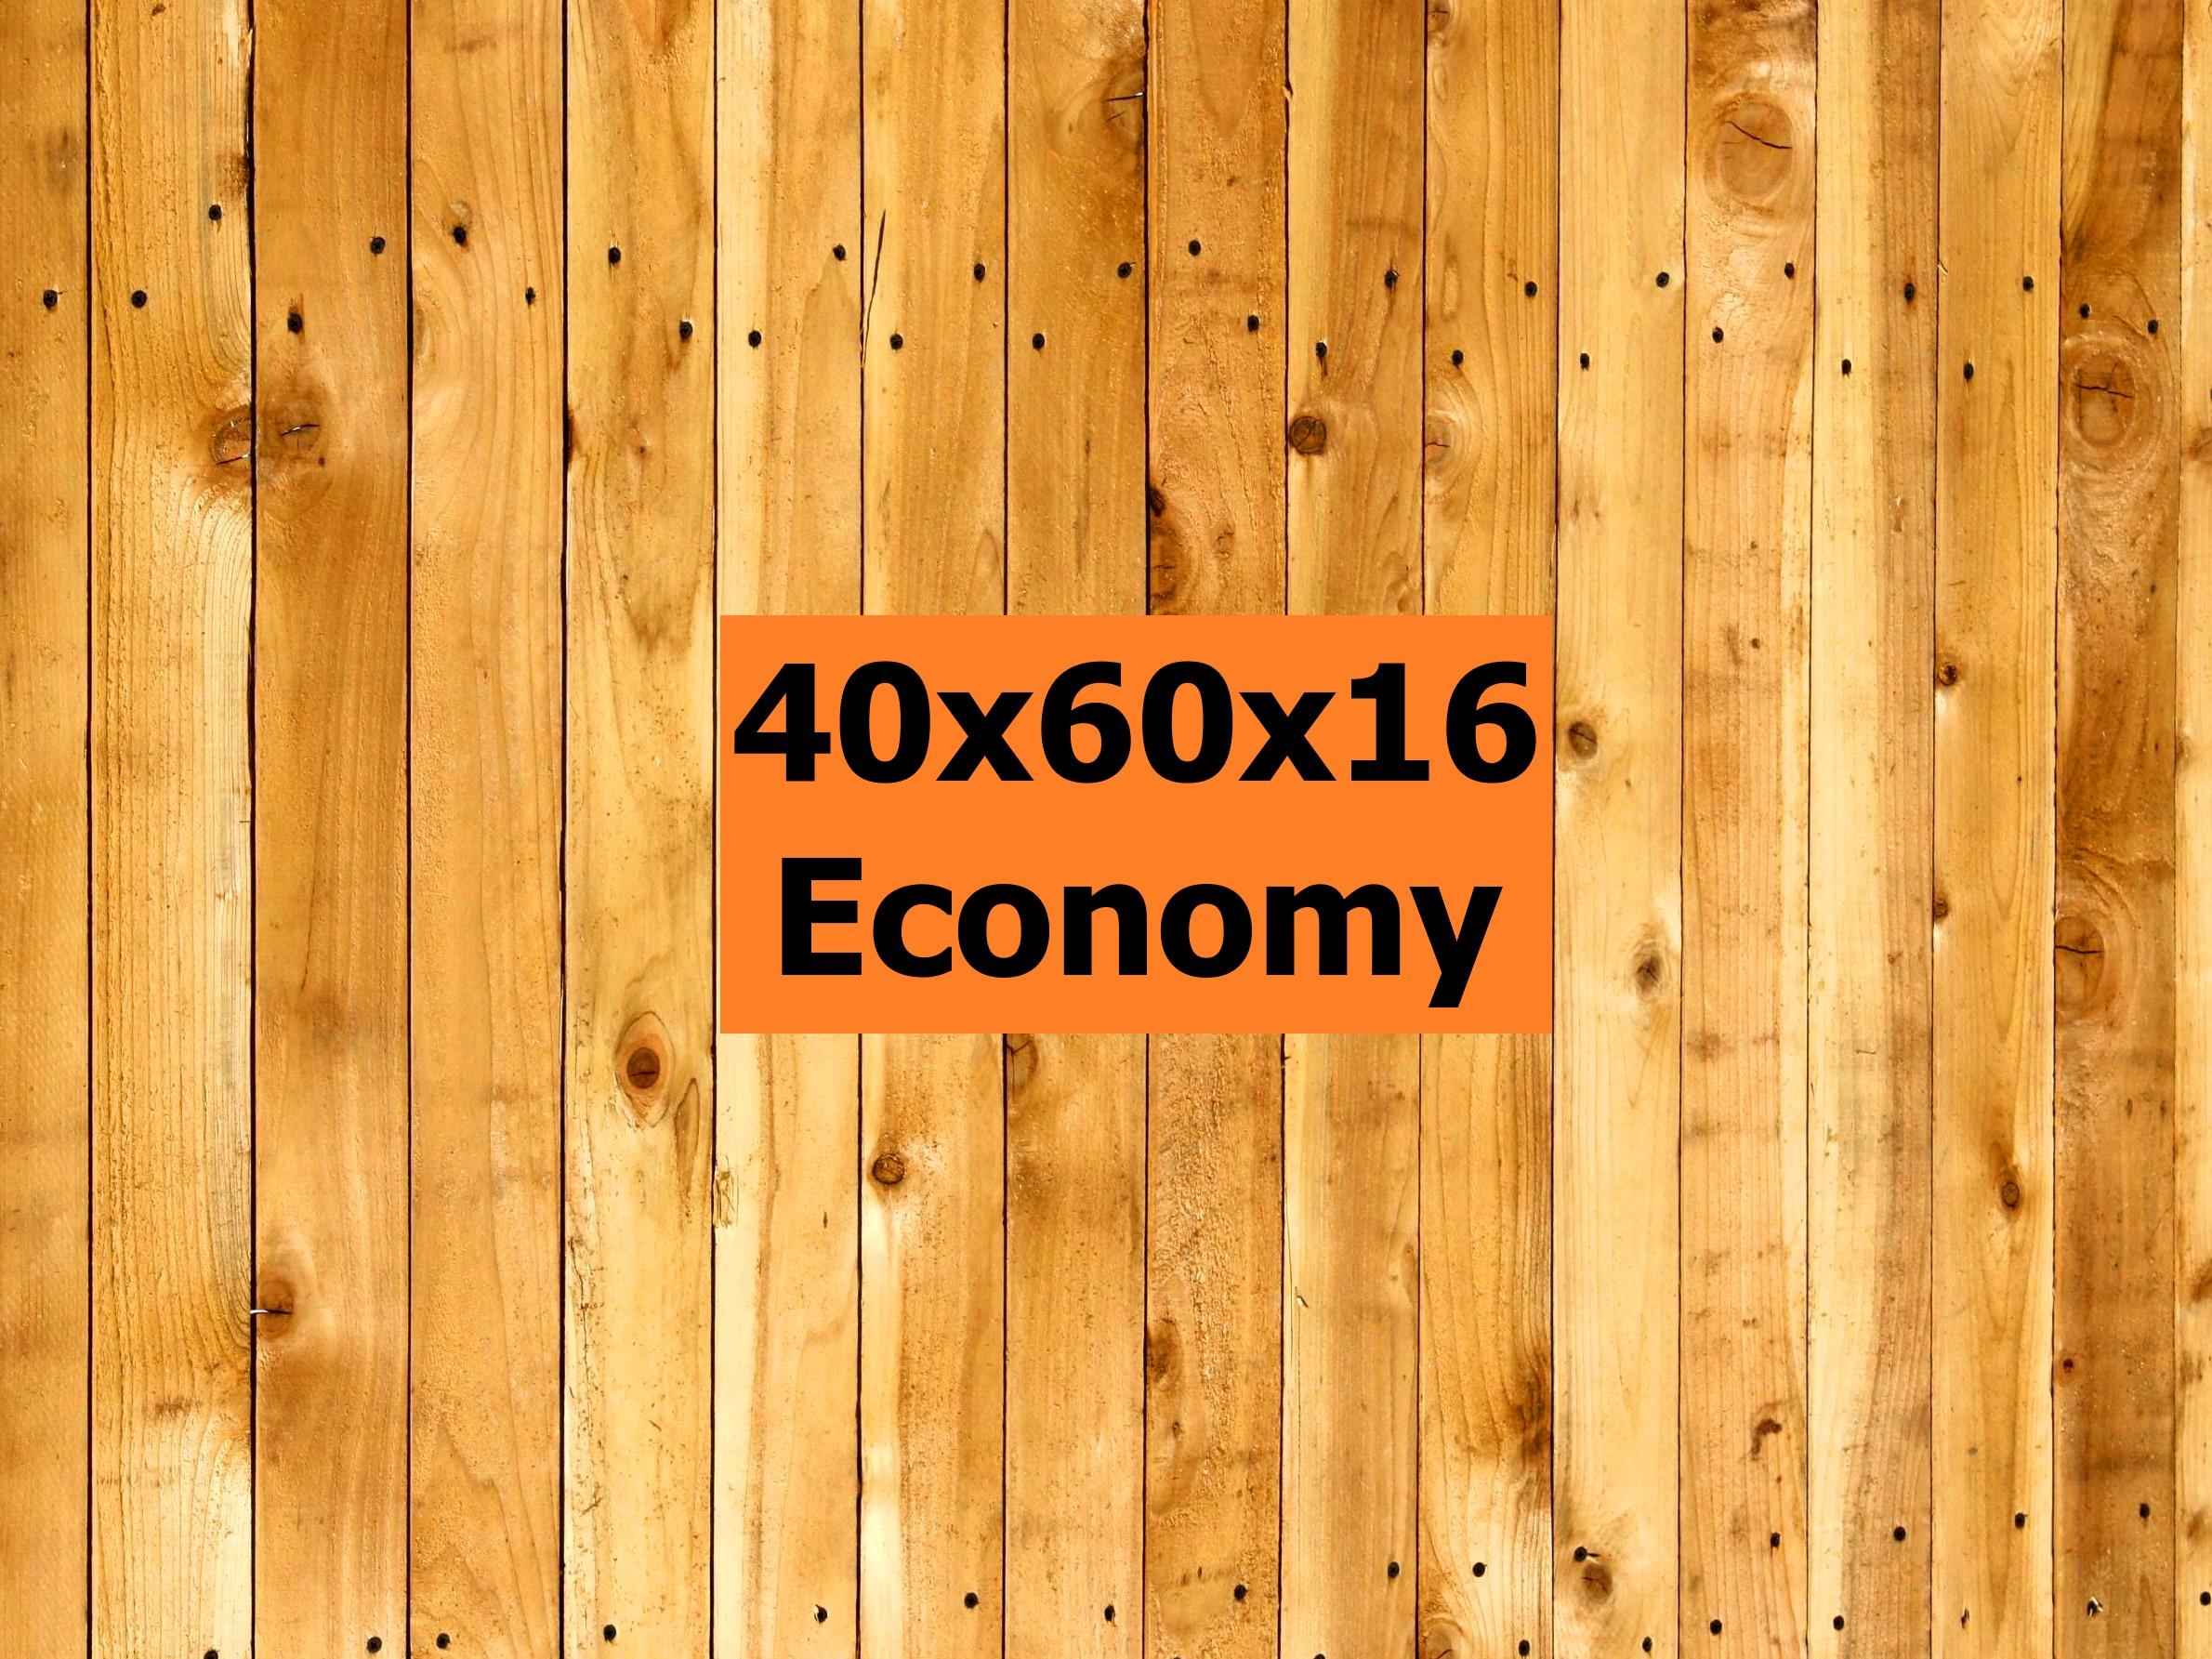 40x60x16Economy